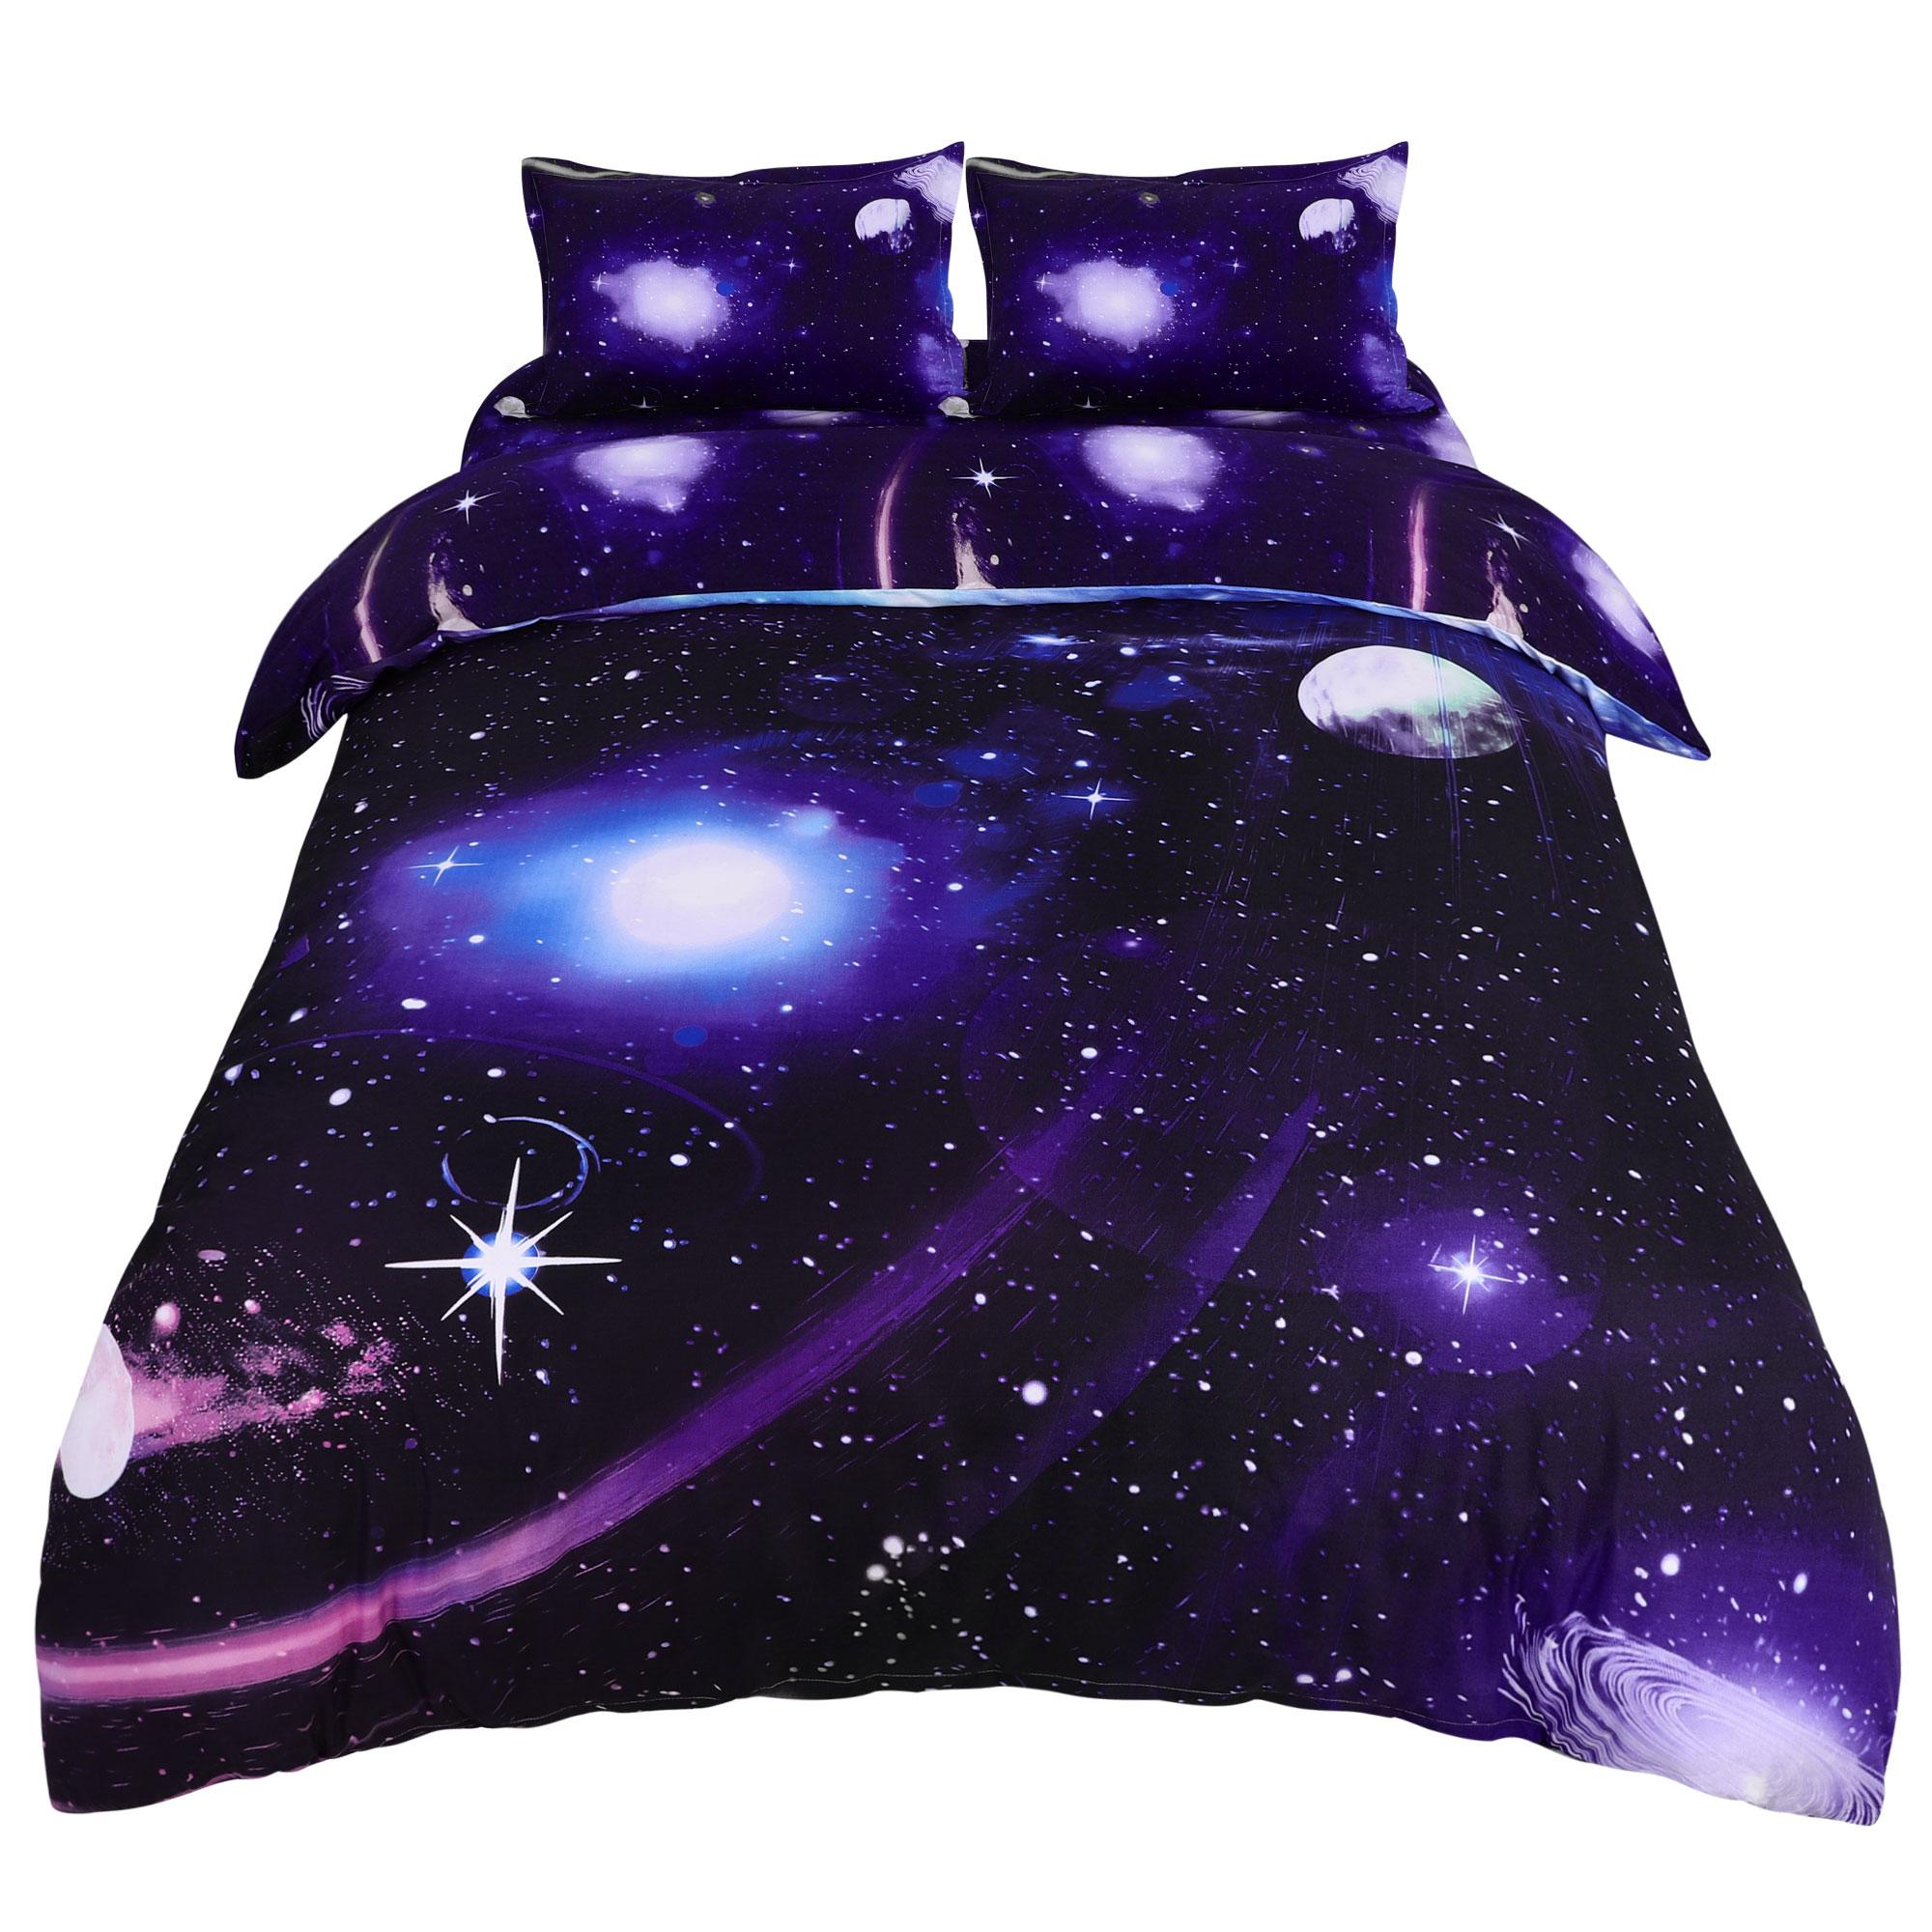 4pcs Galaxy Duvet Cover Set with Flat Sheet &Pillowcase Dark Purple Queen